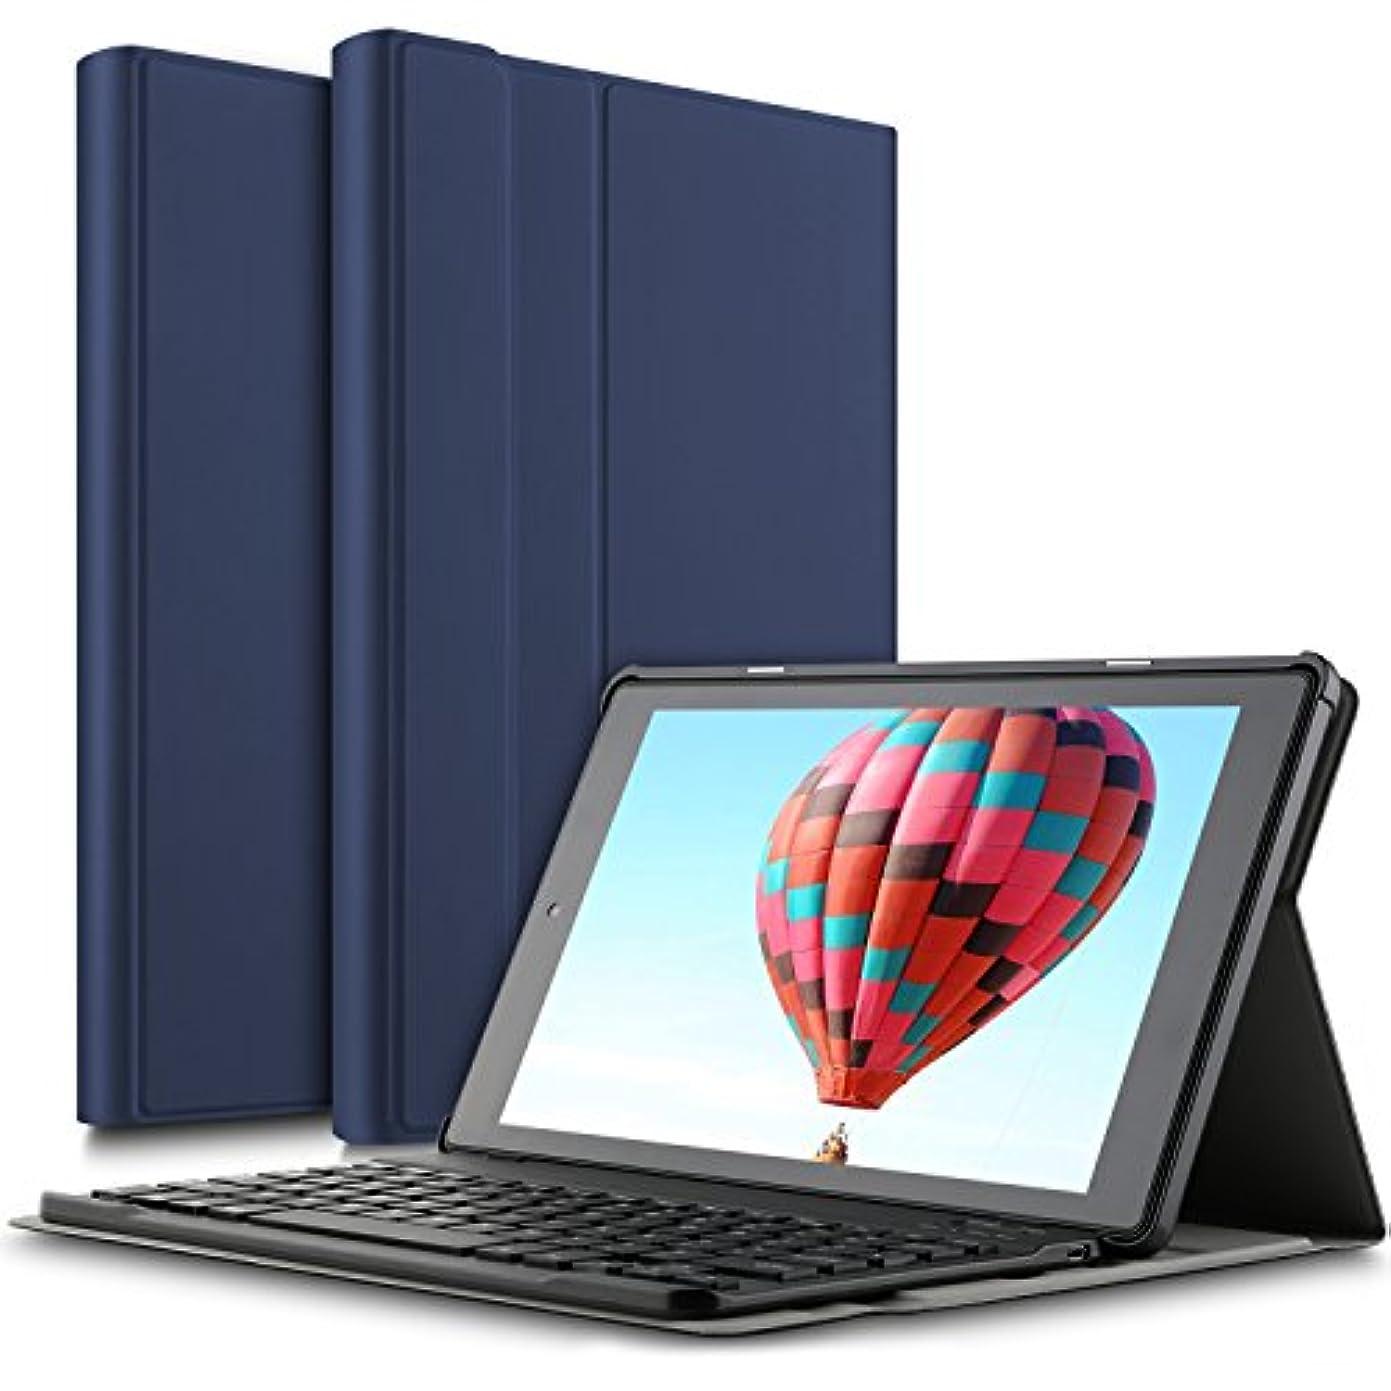 つぶやきパートナーエレベーターFire HD 10 ケース【ELTD】NEW Fire HD 10 キーボードカバー 開閉で自動 脱着式 手帳型 一体型 Bluetoothワイヤレスキーボード ブルー